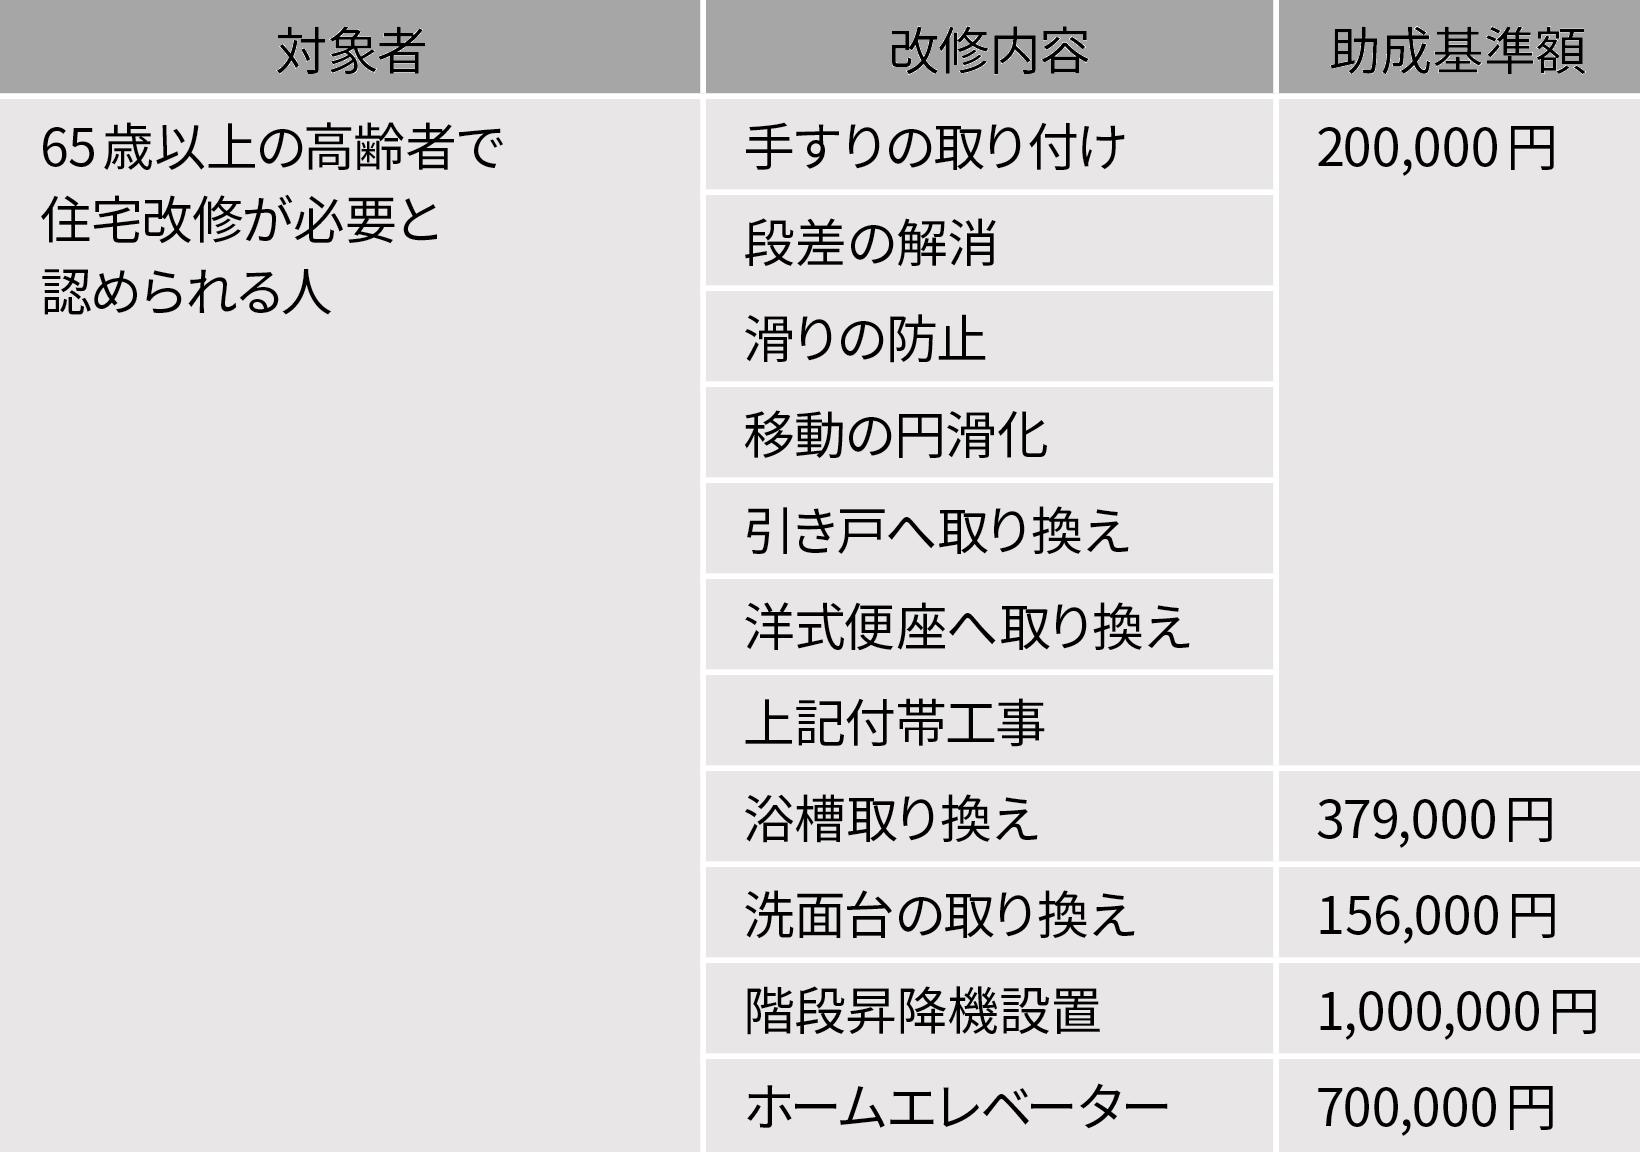 千代田区バリアフリー化等に伴う助成金(2020年1月現在)